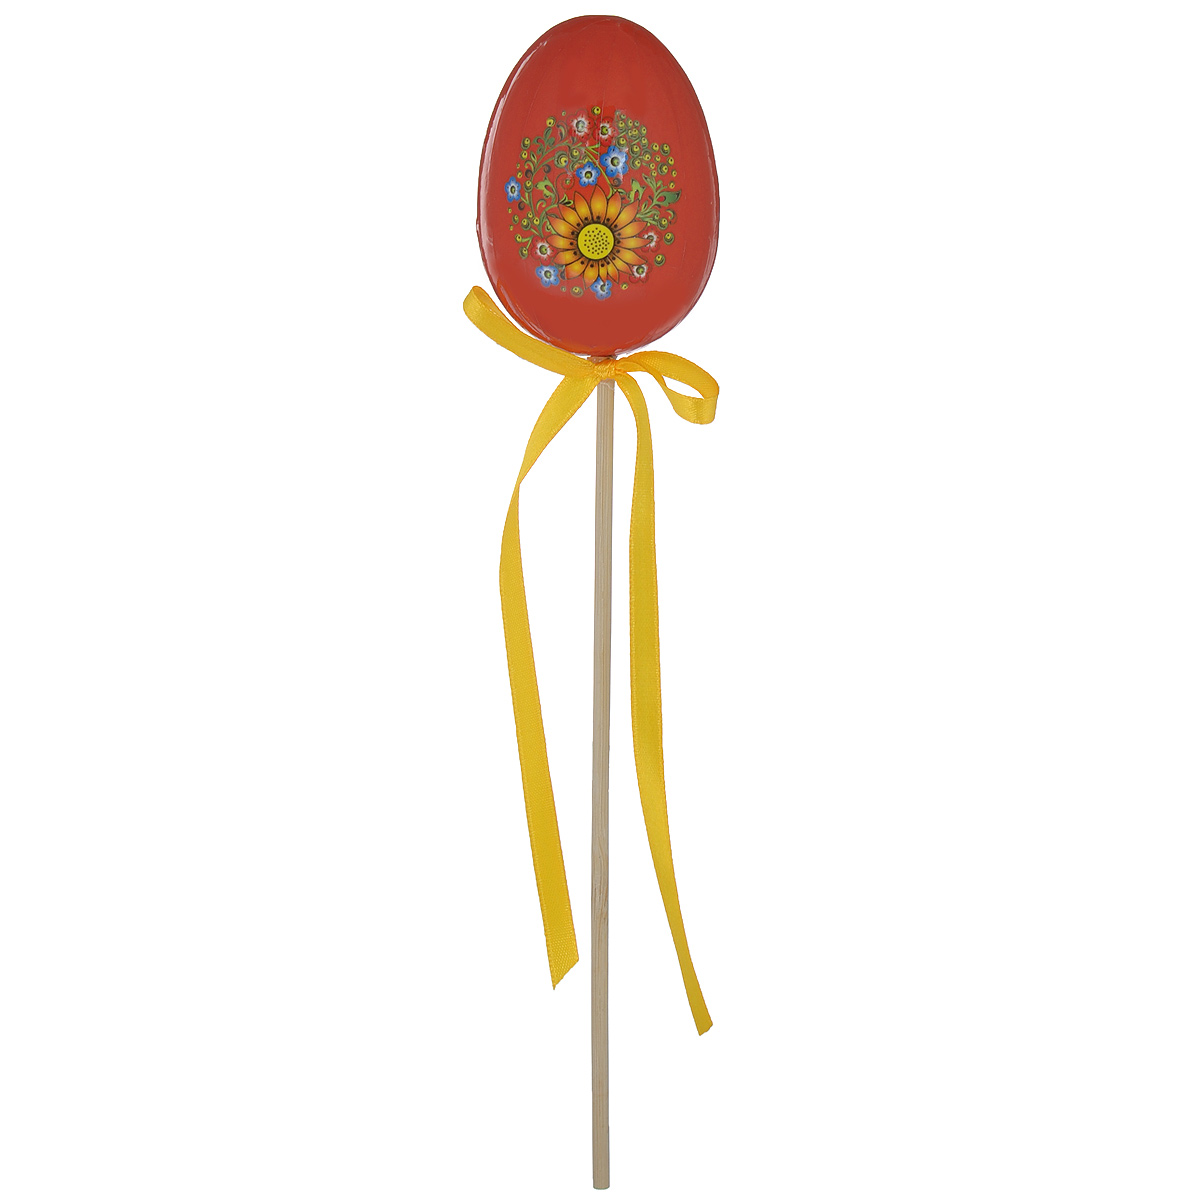 Декоративное украшение на ножке Home Queen Яйцо, цвет: красный, высота 25 см64415_1Декоративное украшение Home Queen Яйцо выполнено из пенопласта, ламинированной бумаги в виде пасхального яйца на деревянной ножке, декорированного цветочным рисунком. Изделие украшено текстильной лентой. Такое украшение прекрасно дополнит подарок для друзей или близких. Высота: 25 см. Размер яйца: 7 см х 5 см.Материал: пенопласт, ламинированная бумага.